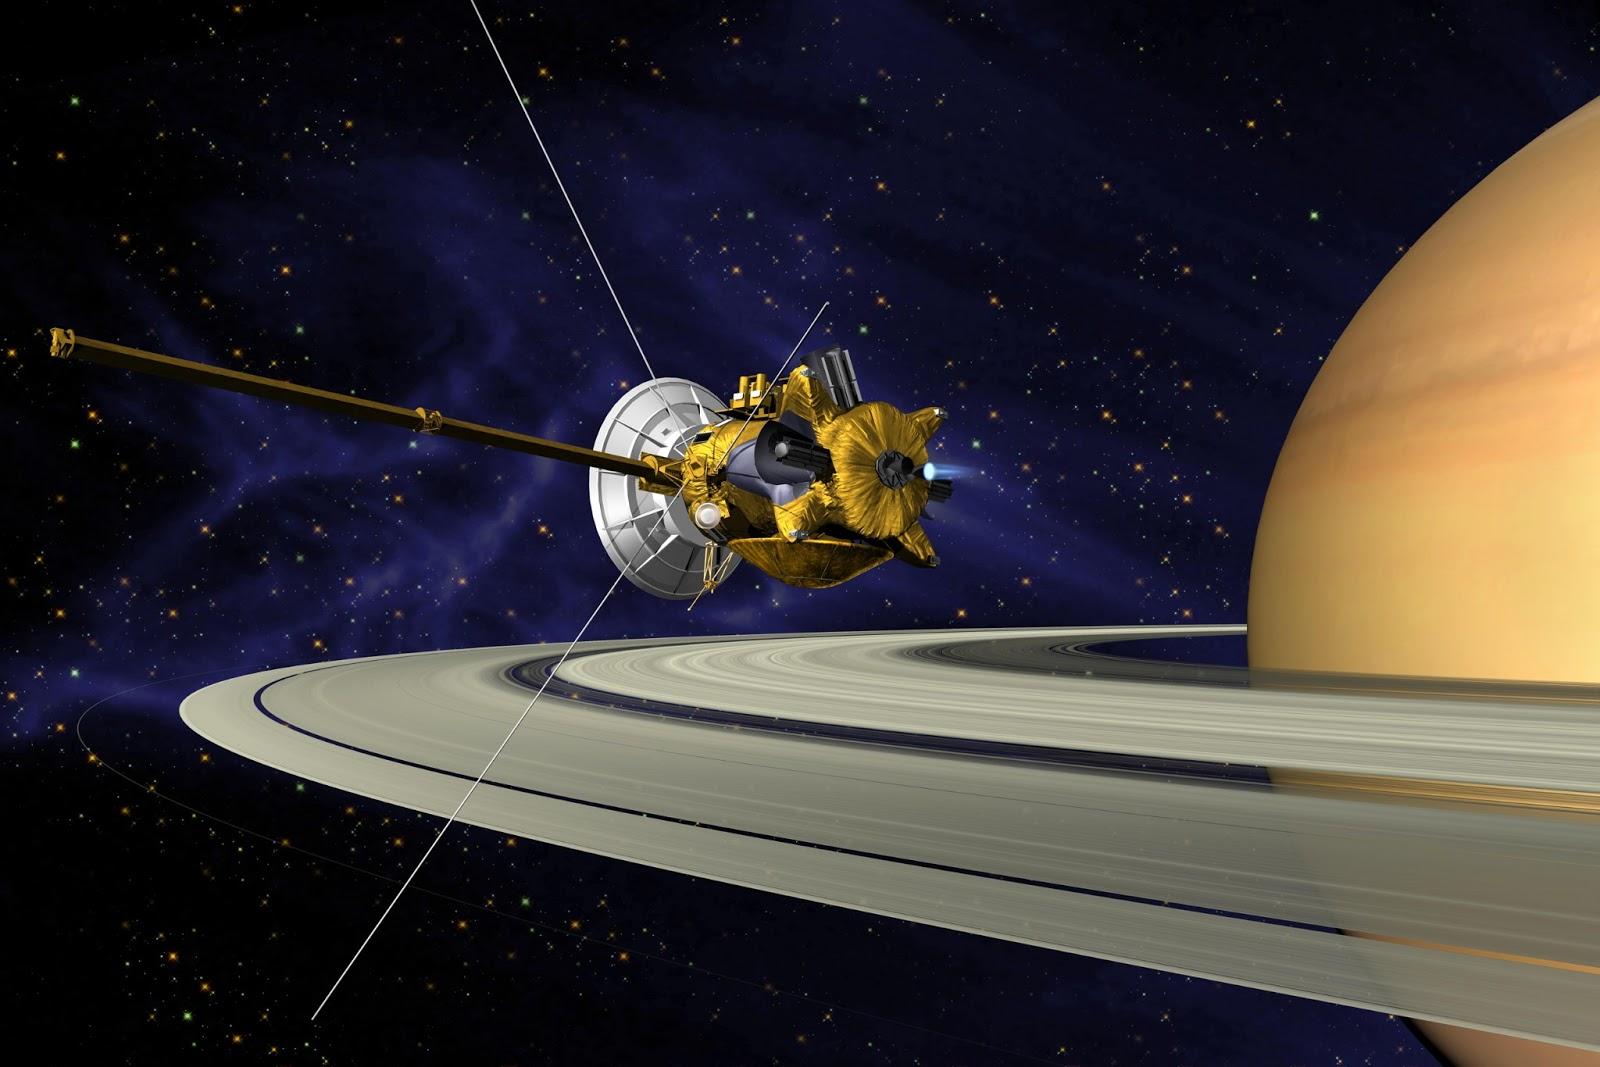 Cassini готовится к своей финальной миссии: путешествию в кольца Сатурна со смертельным погружением в атмосферу планеты - 1